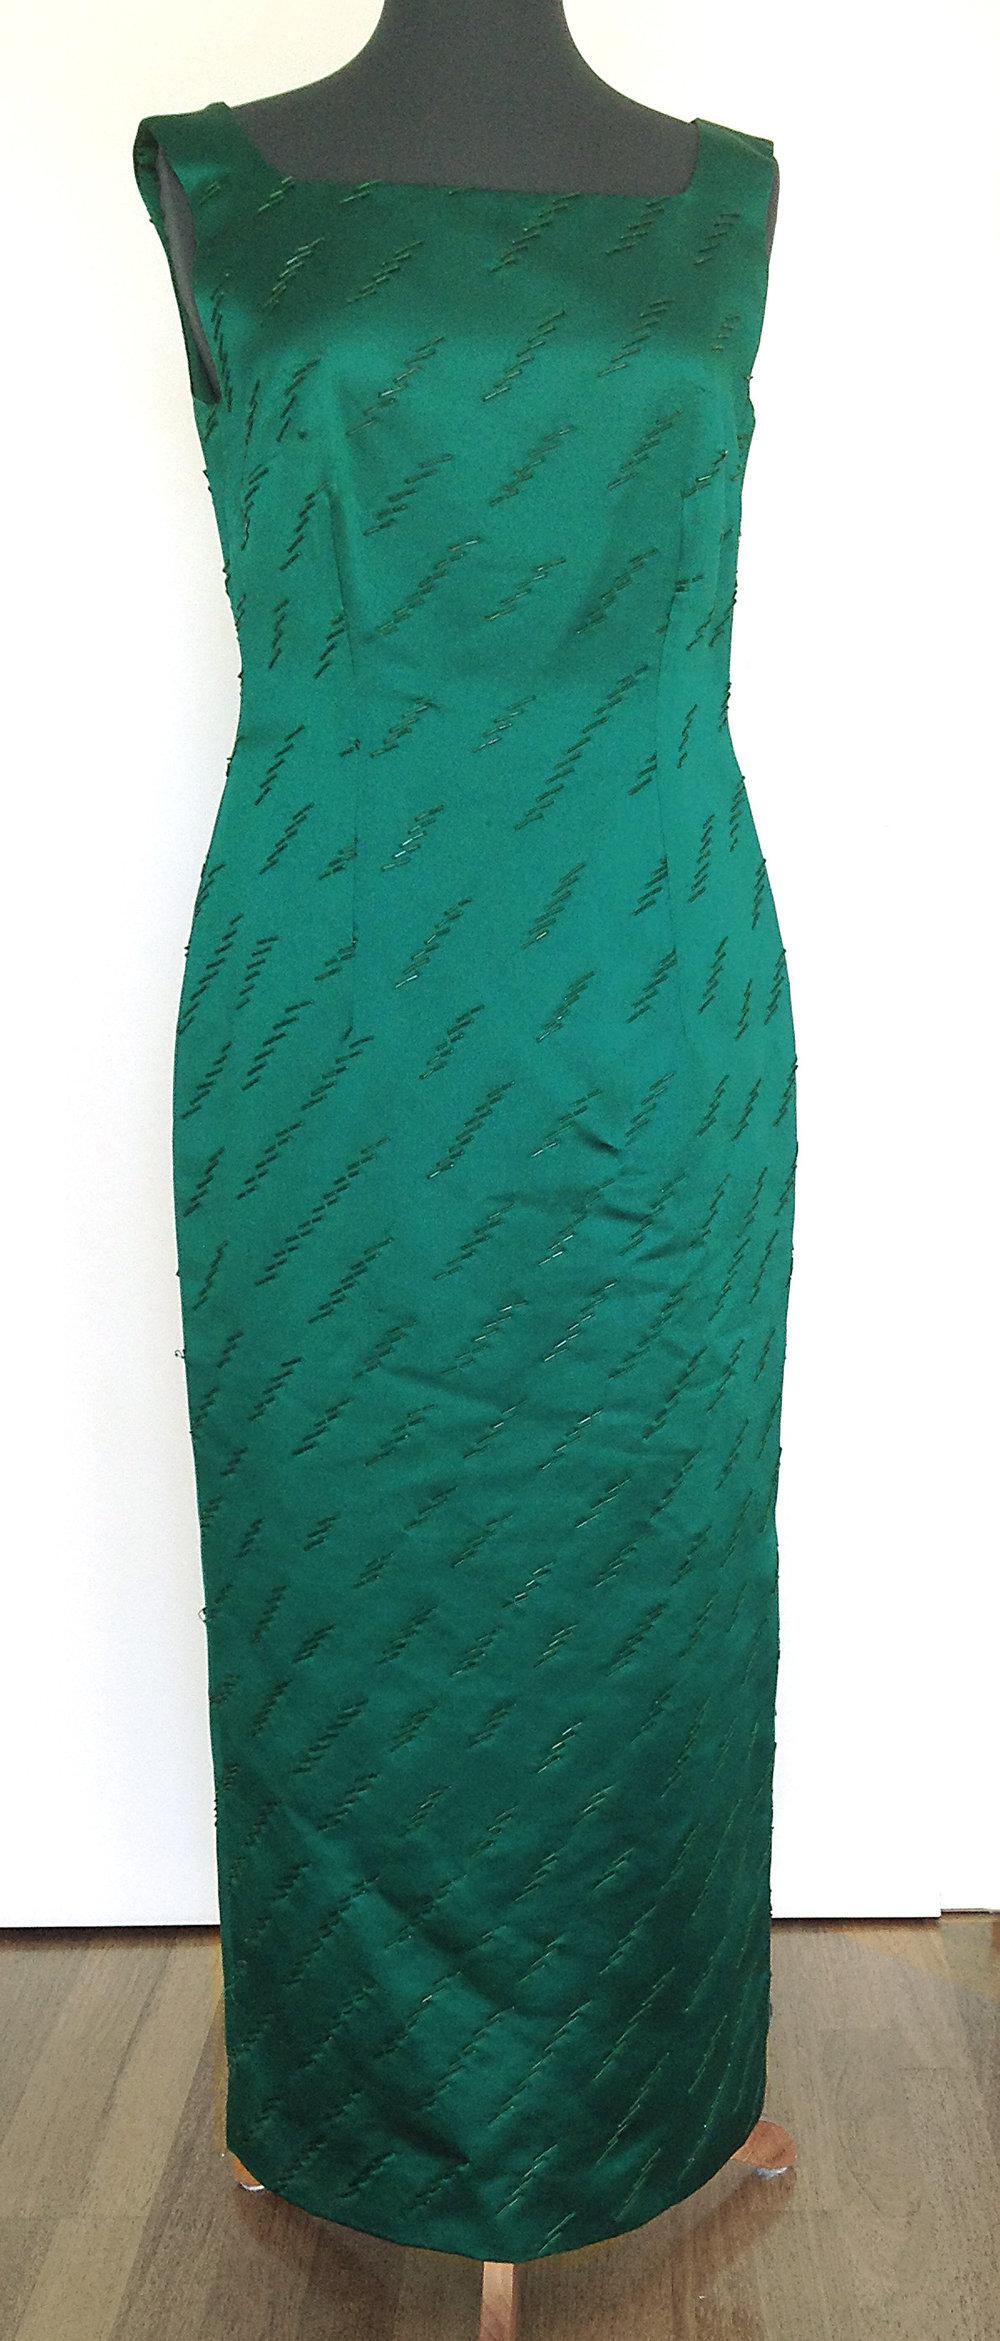 feine handwerkskunst klassischer Chic Luxus kaufen Smaragdgrünes Abendkleid mit Glasperlen bestickt